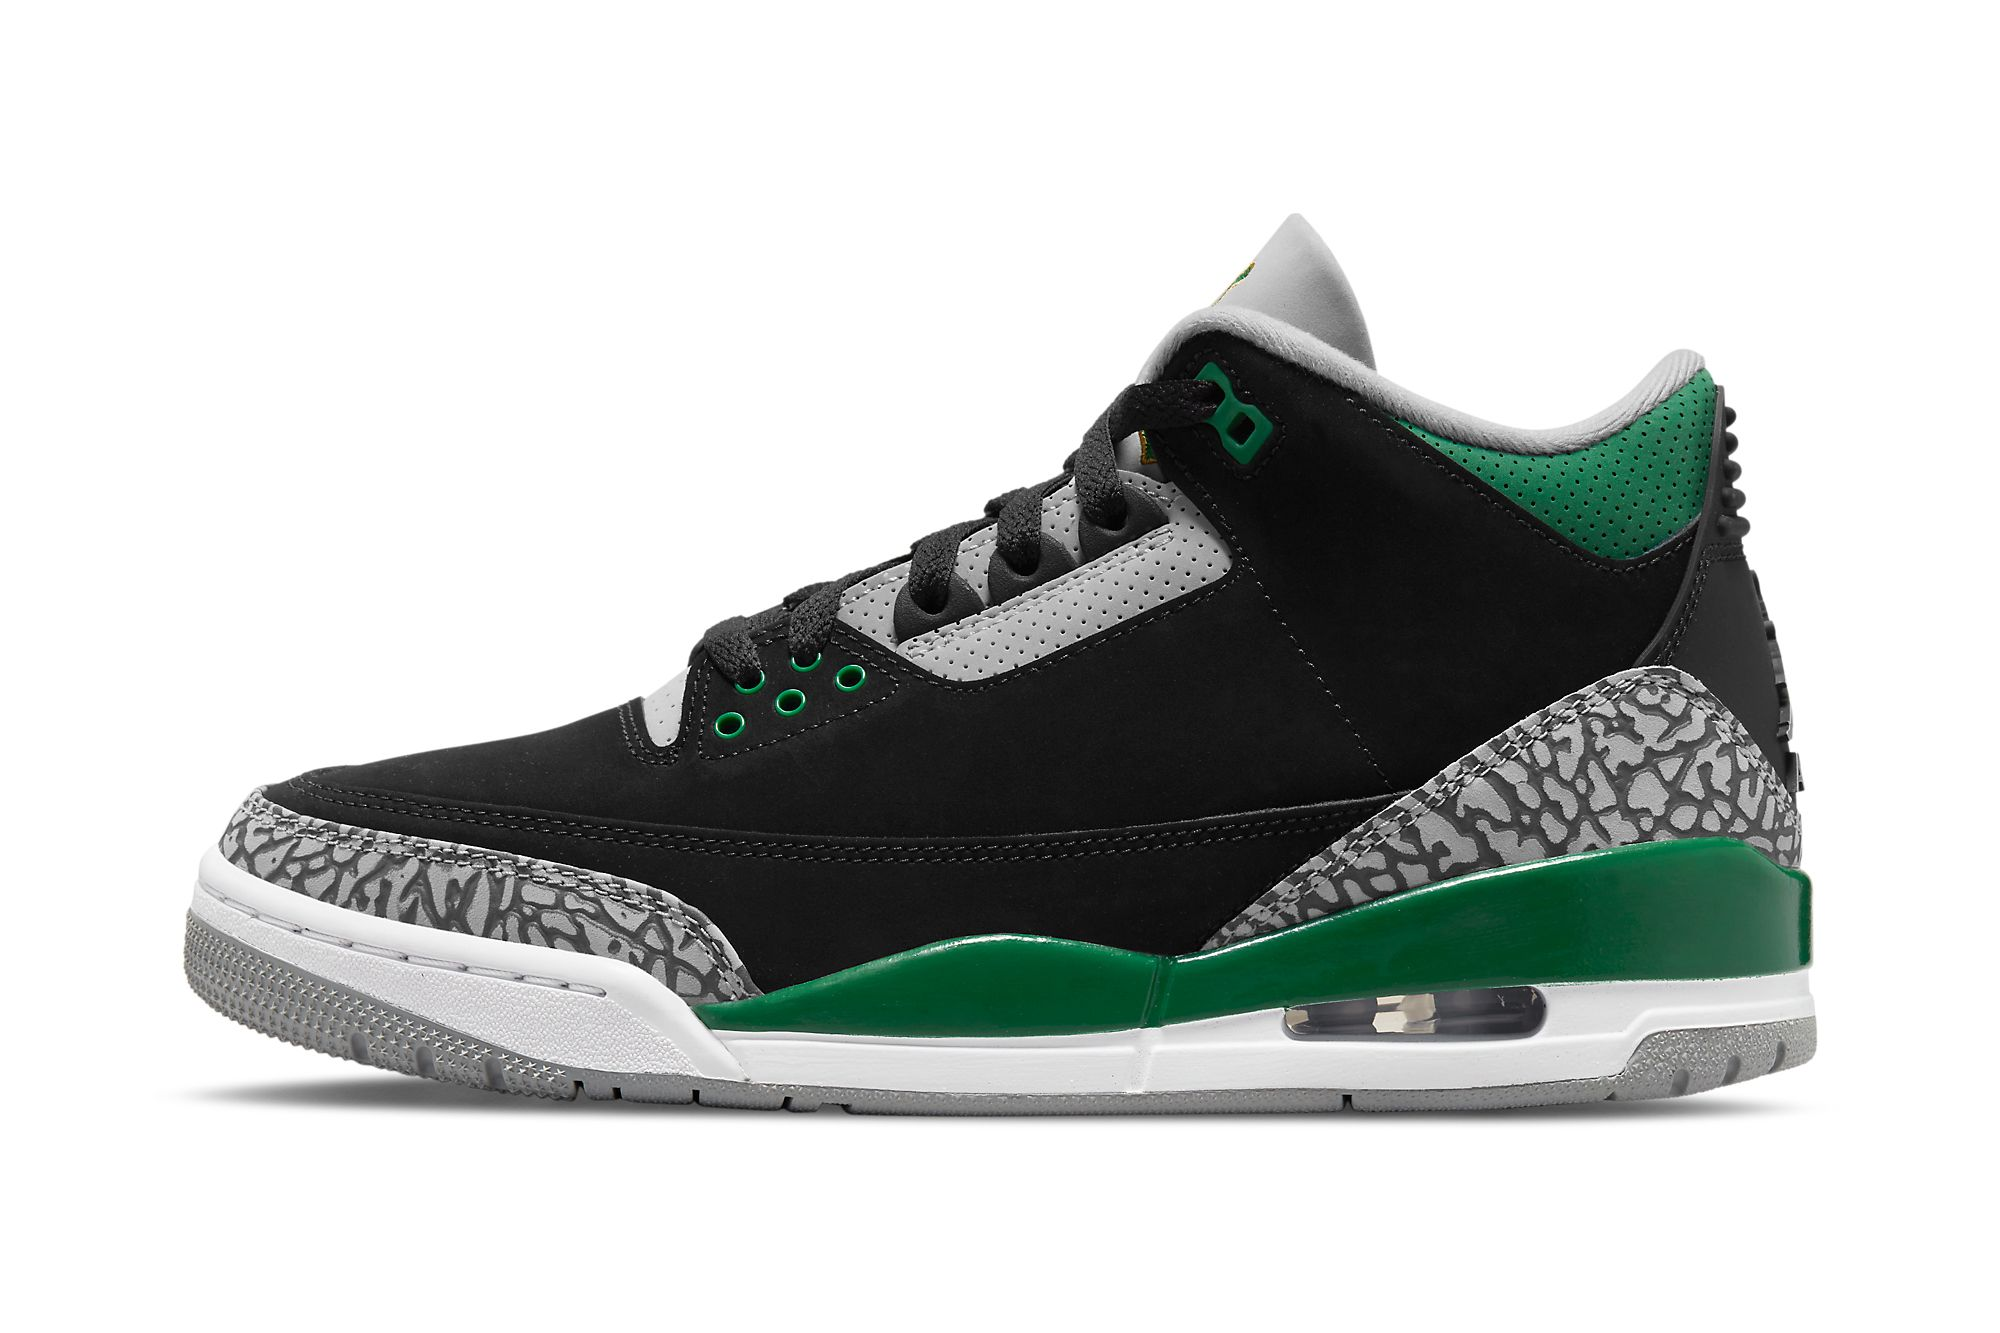 Air Jordan 3 'Pine Green'